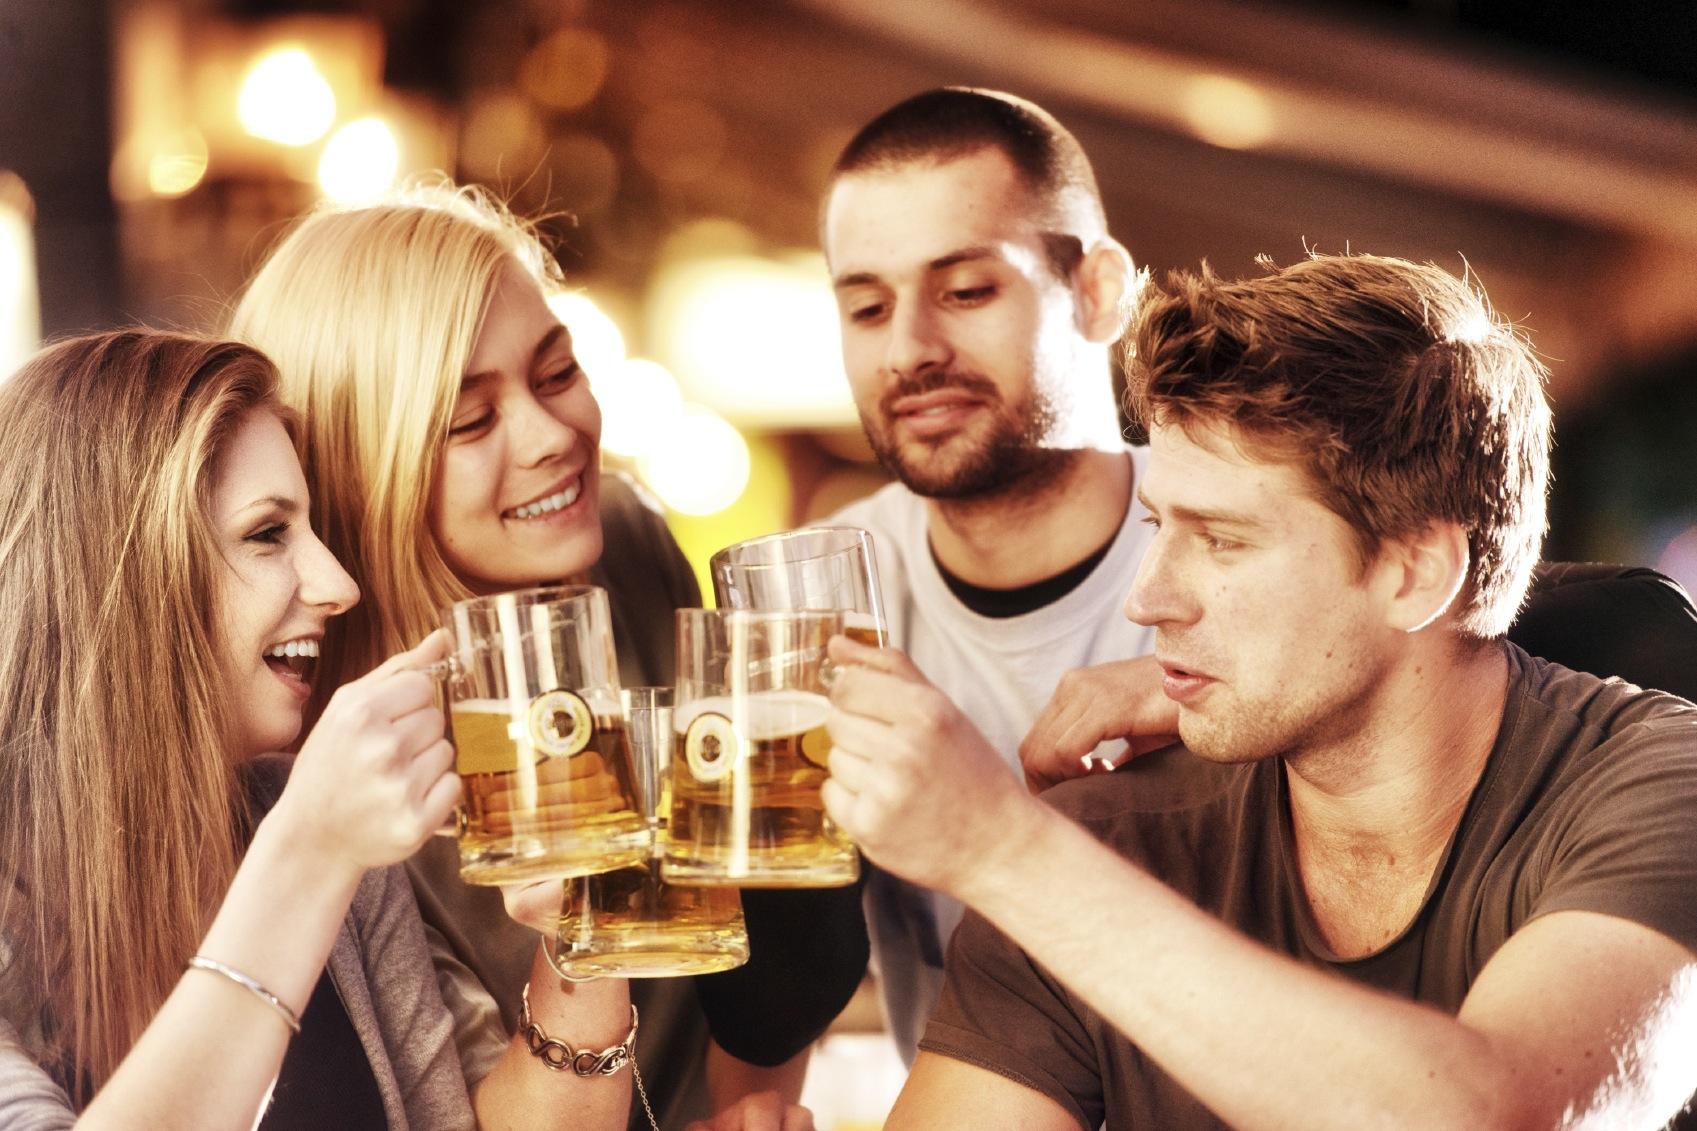 beerdrinkers